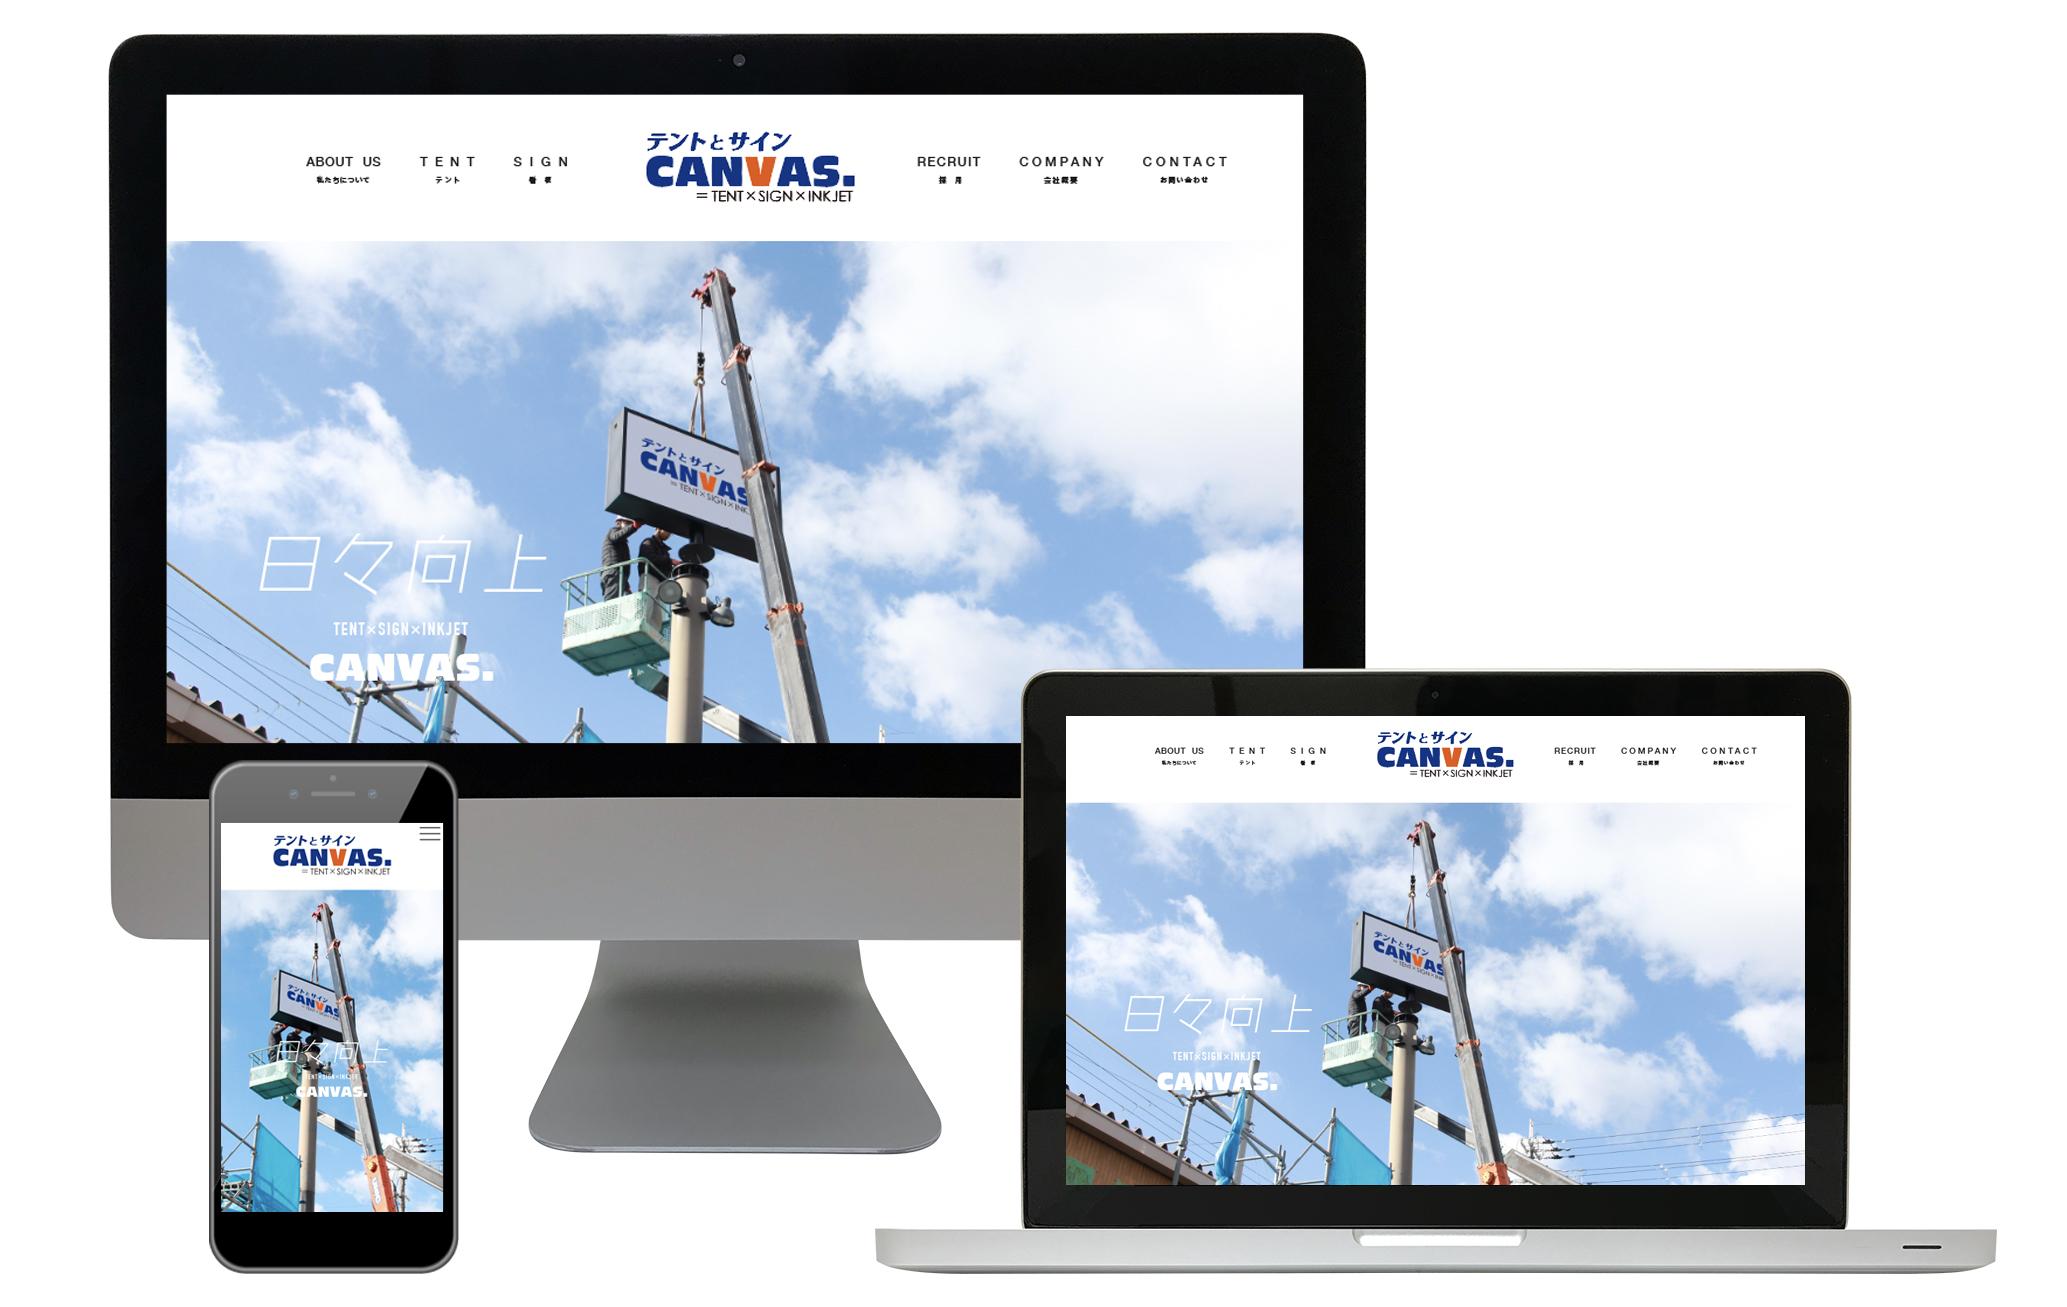 CANVAS_PCimage_WEB